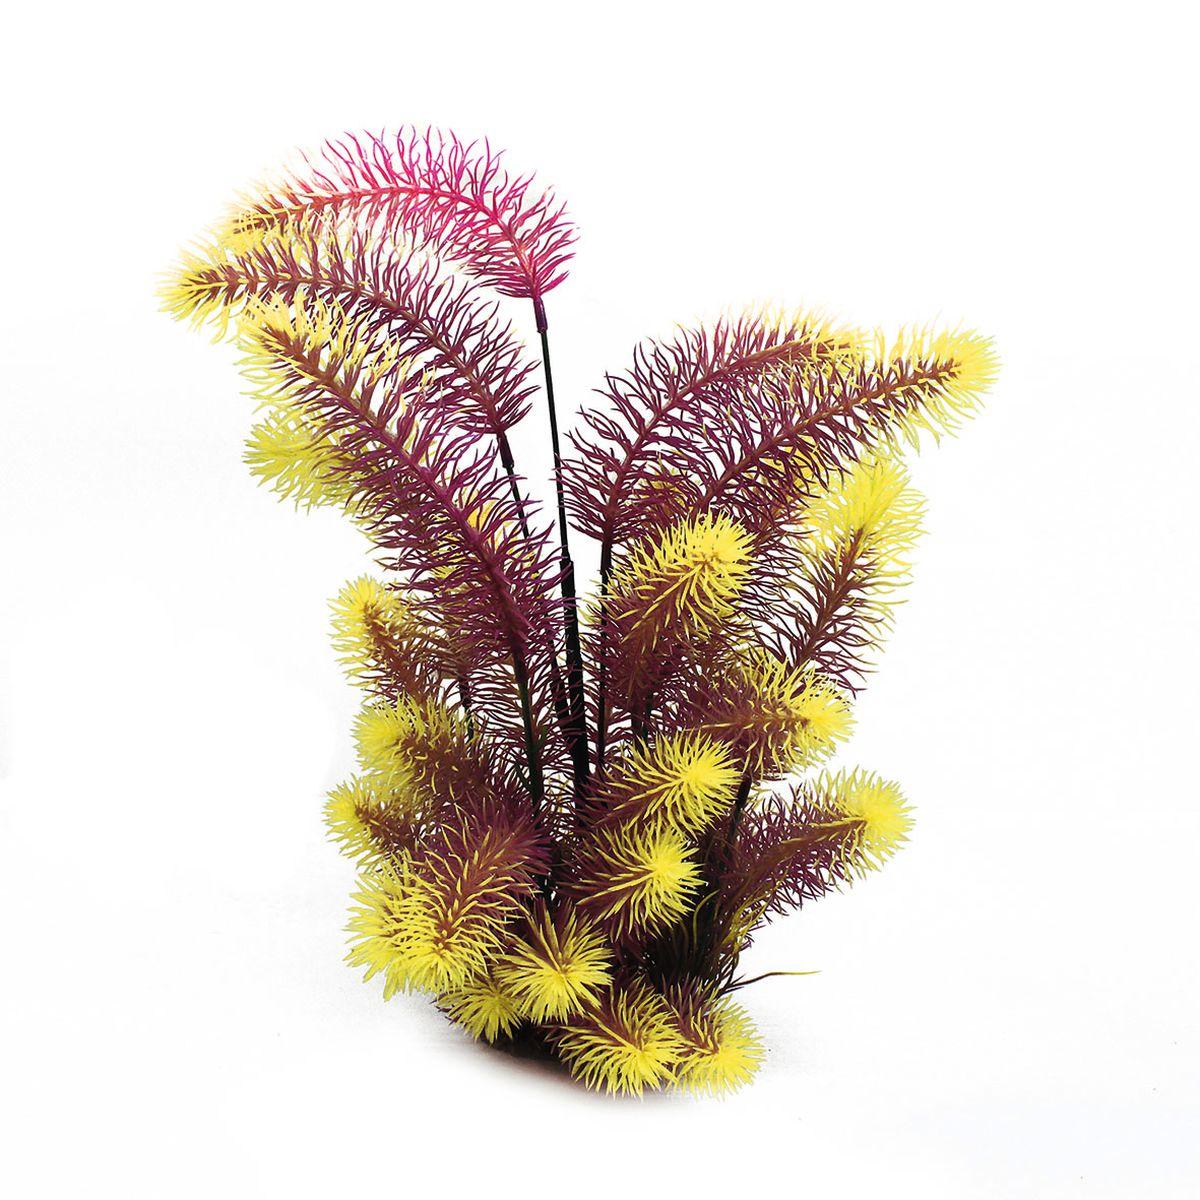 Растение для аквариума ArtUniq Погостемон Эректус красно-желтый, высота 38 см0120710Растение для аквариума ArtUniq Погостемон Эректус красно-желтый, высота 38 см